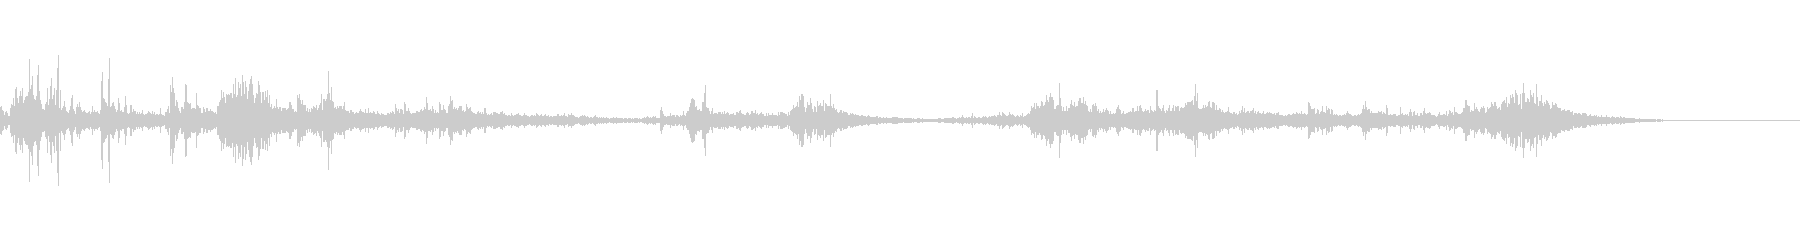 カミナリ(遠雷)-40の未再生の波形